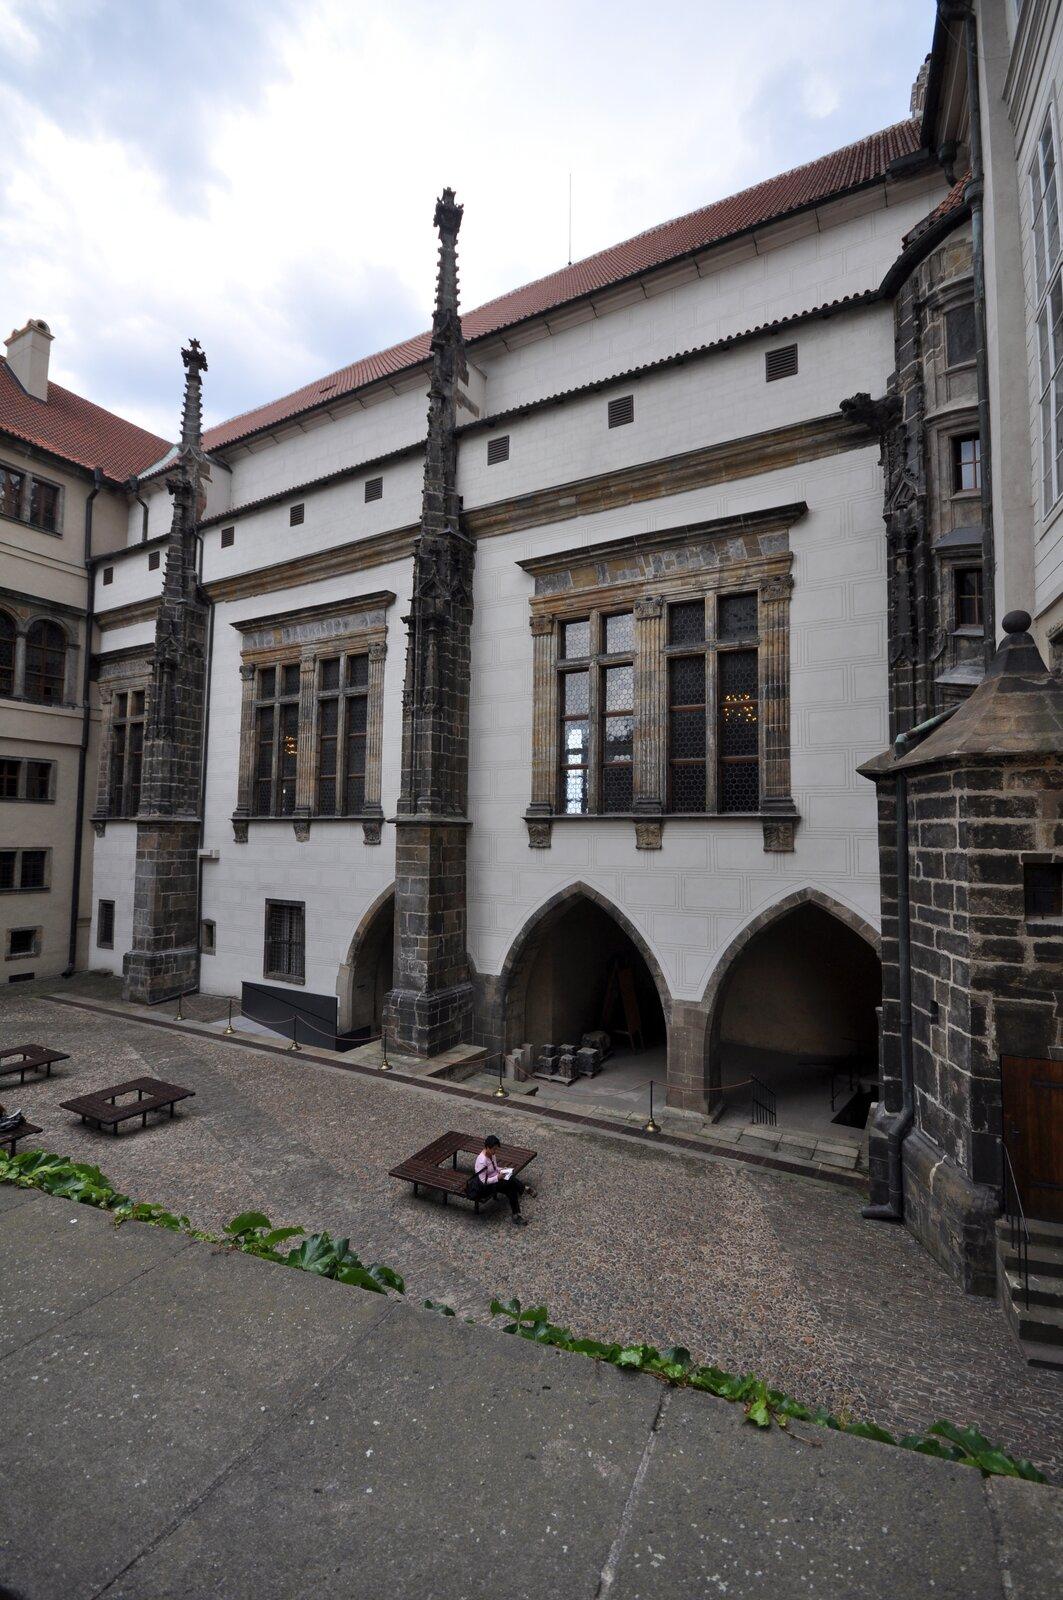 Sala władysławowska na Hradczanach – widok zzewnątrz Źródło: Ralf Roletschek, Sala władysławowska na Hradczanach – widok zzewnątrz, 2011, fotografia, licencja: CC BY-NC-ND 3.0.